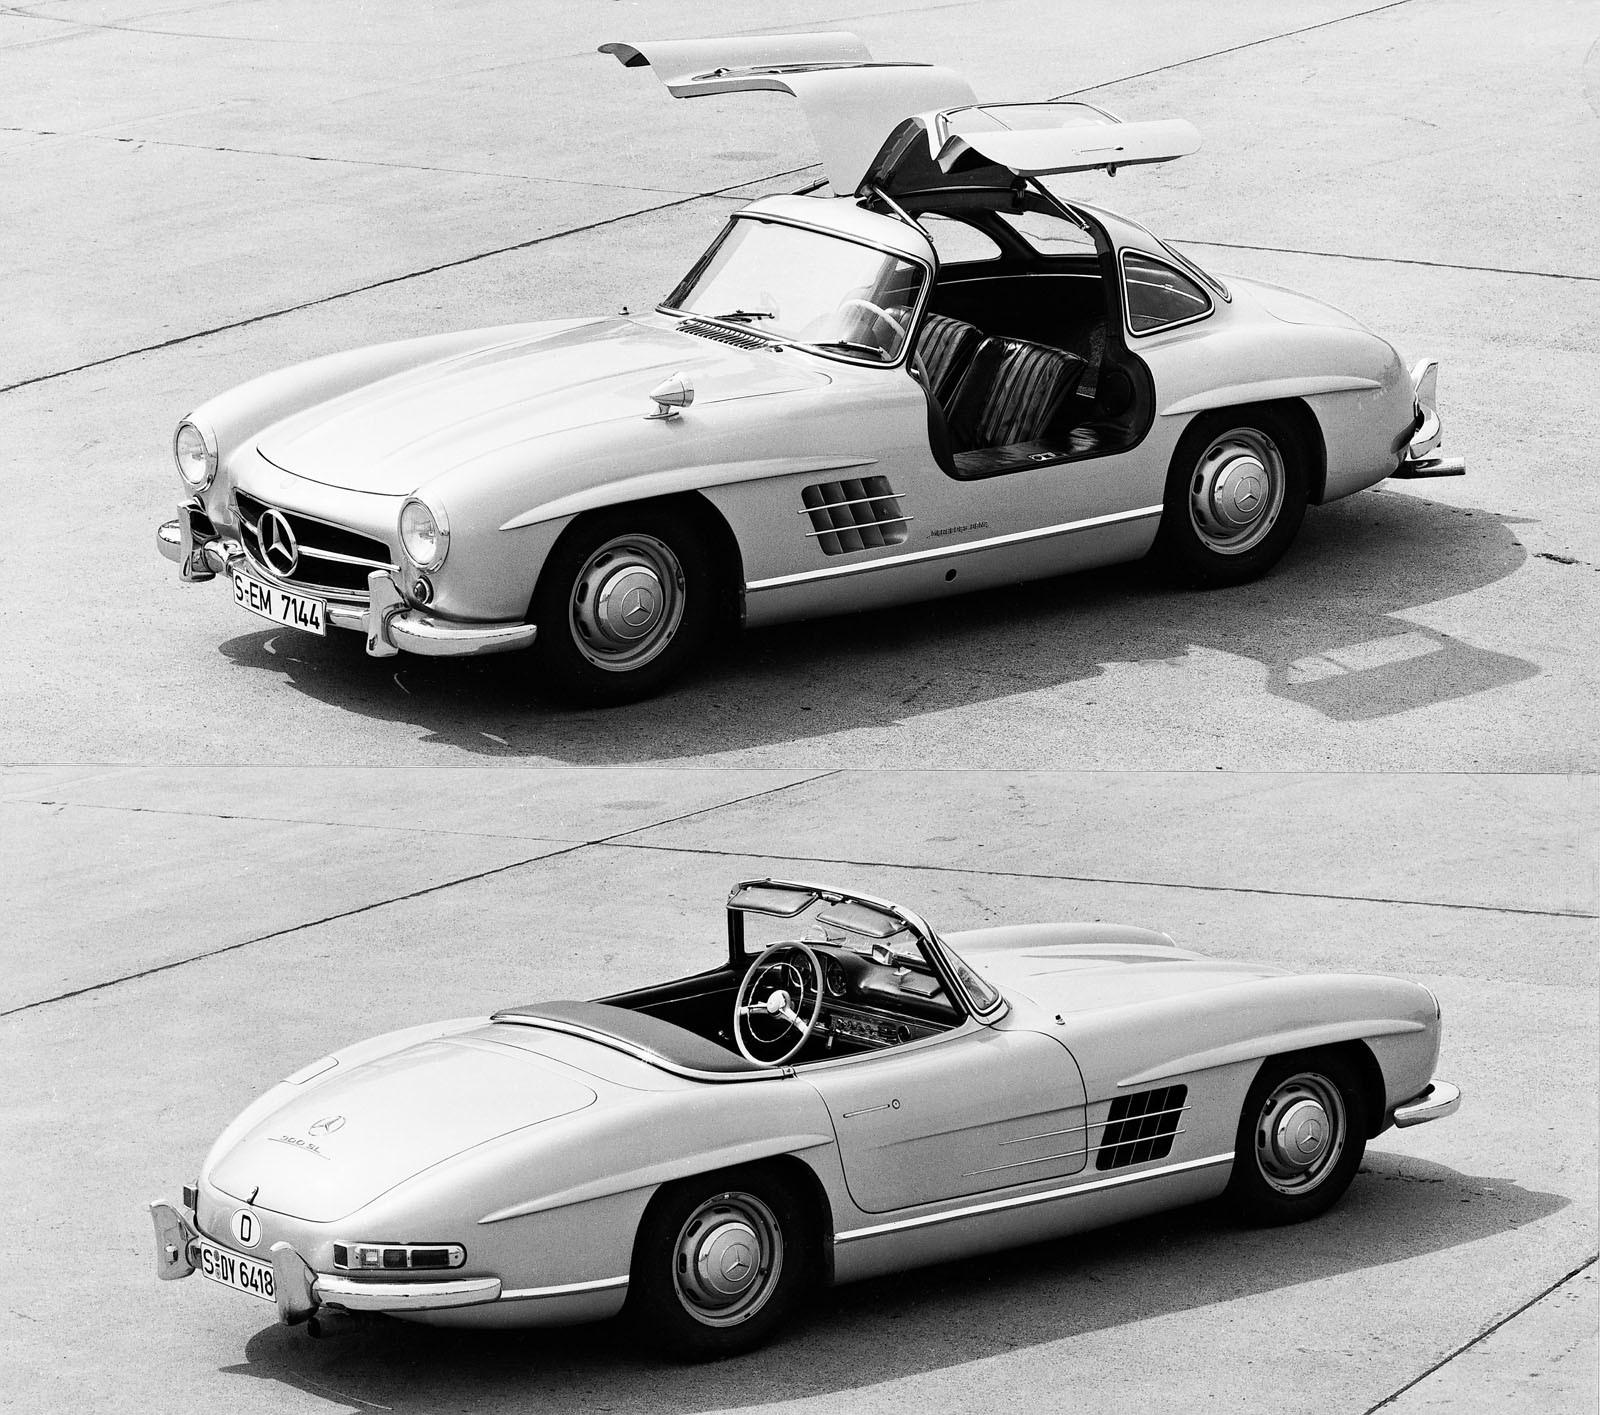 Foto de Mercedes 300 SL Roadster (60 aniversario) (20/21)